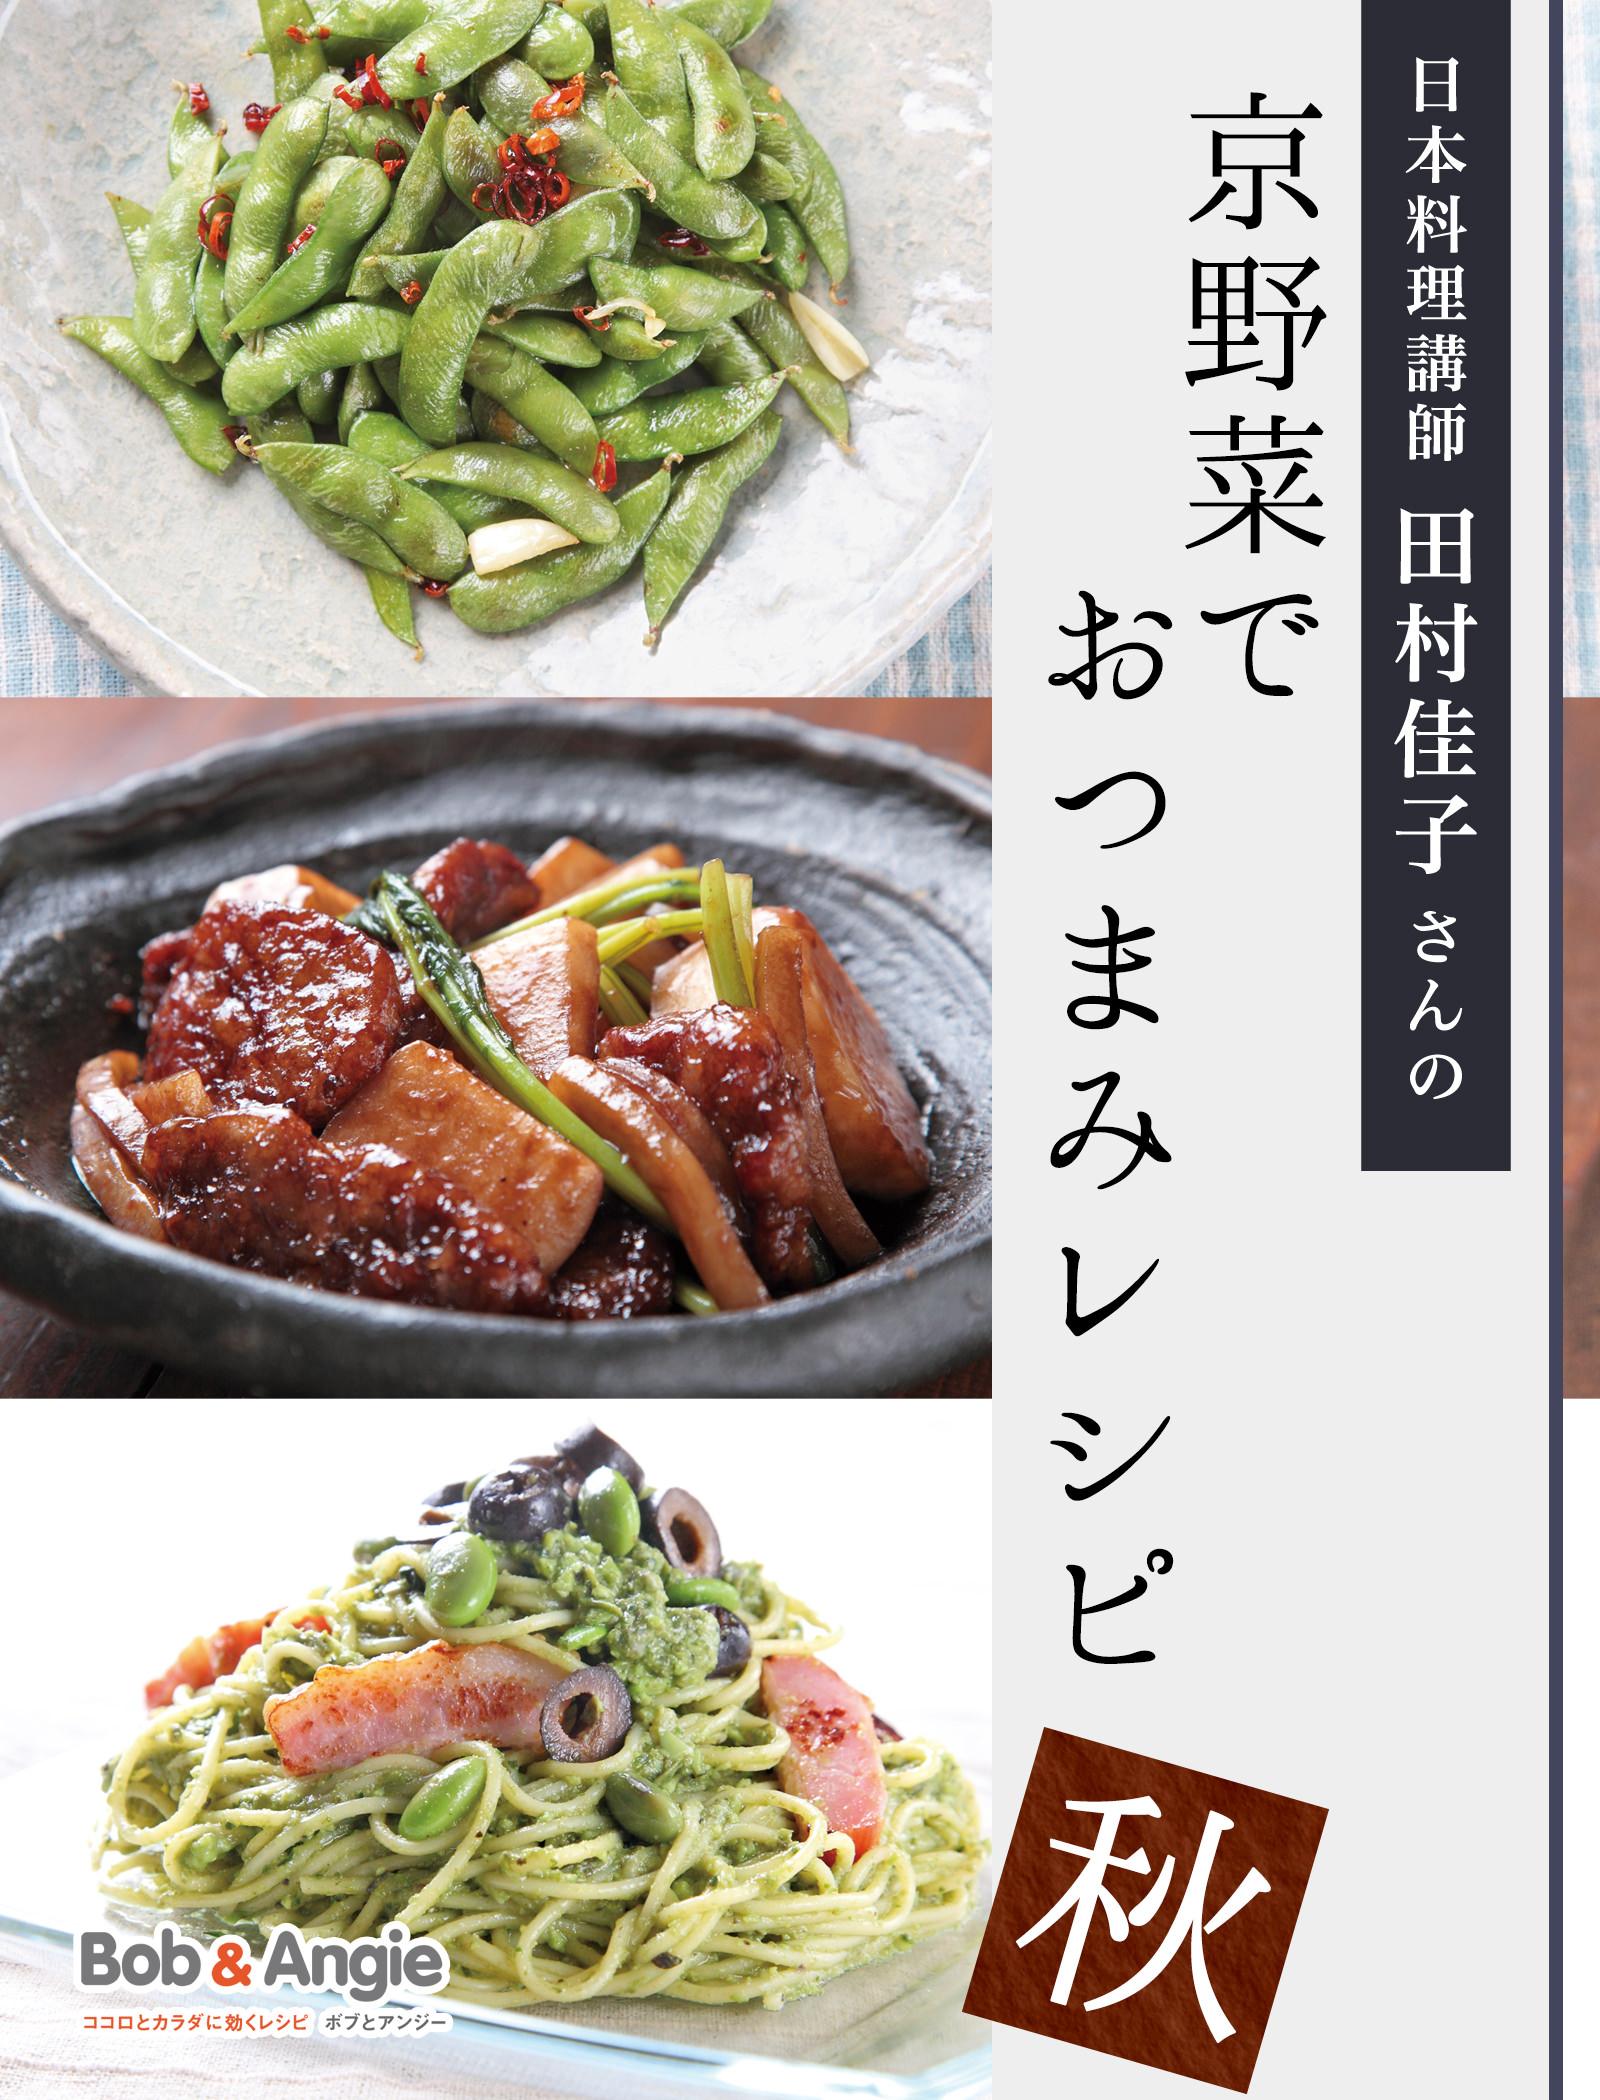 日本料理講師 田村佳子さんの京野菜でおつまみレシピ,秋